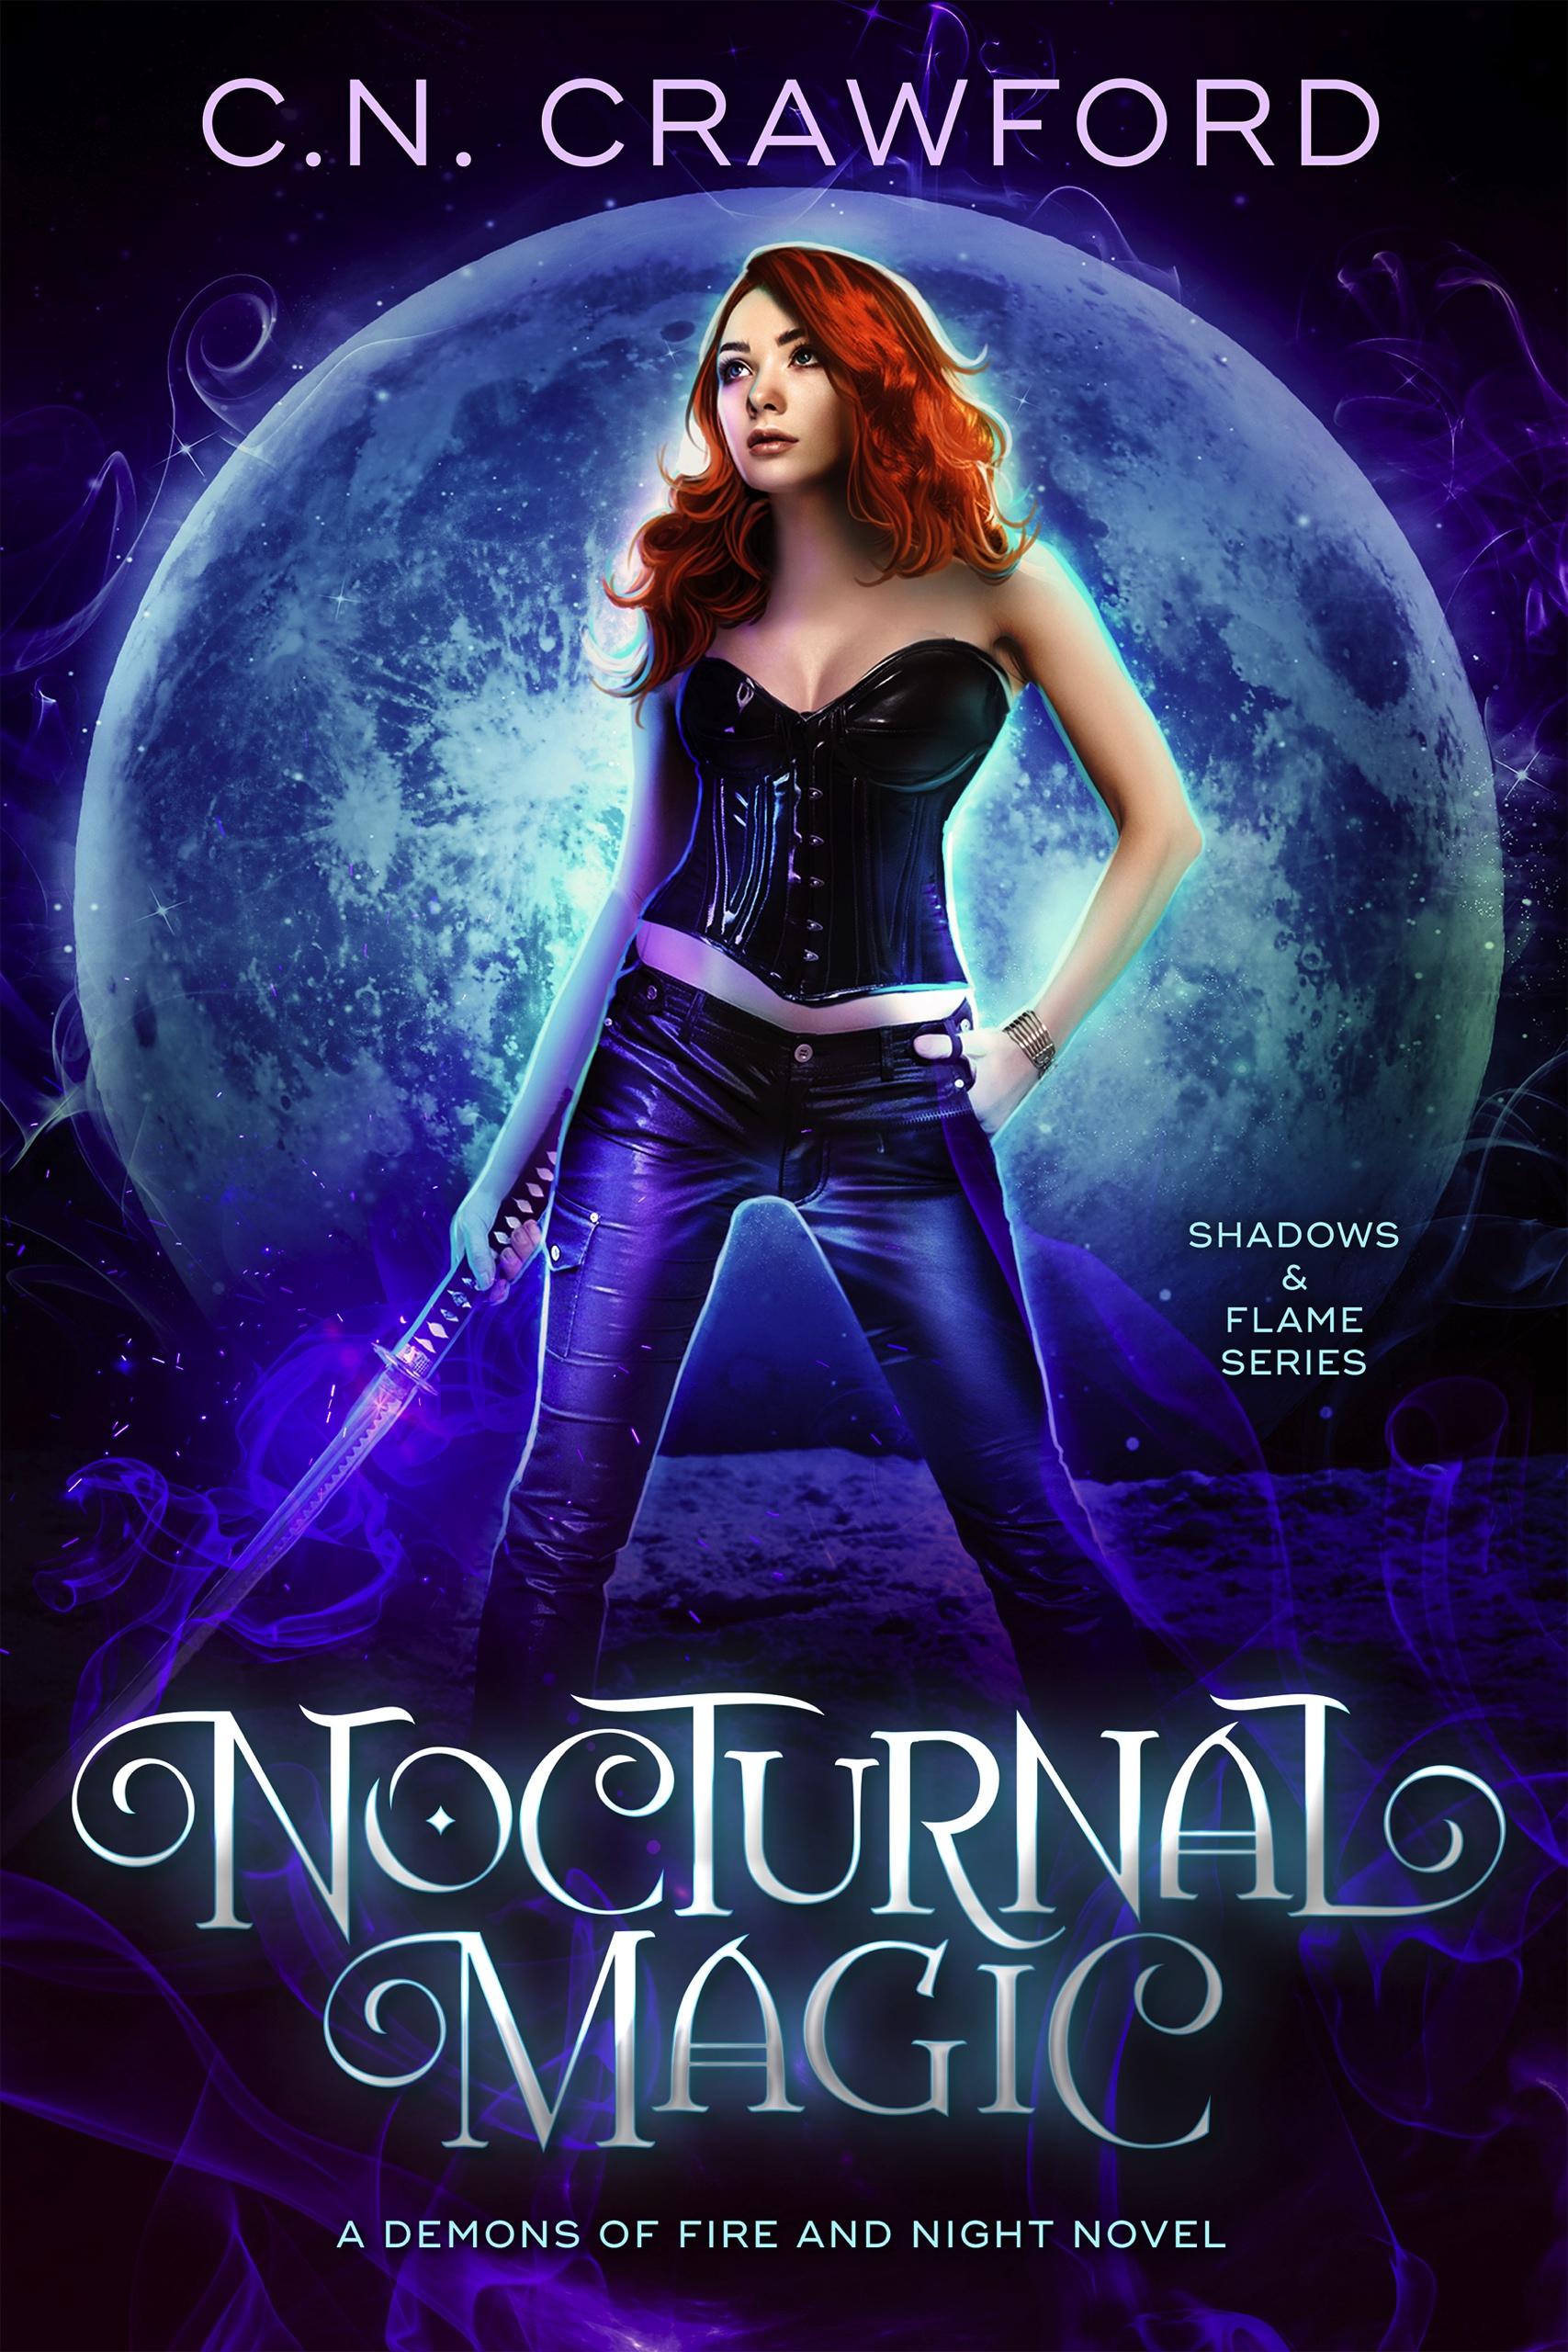 Book 2: Nocturnal Magic